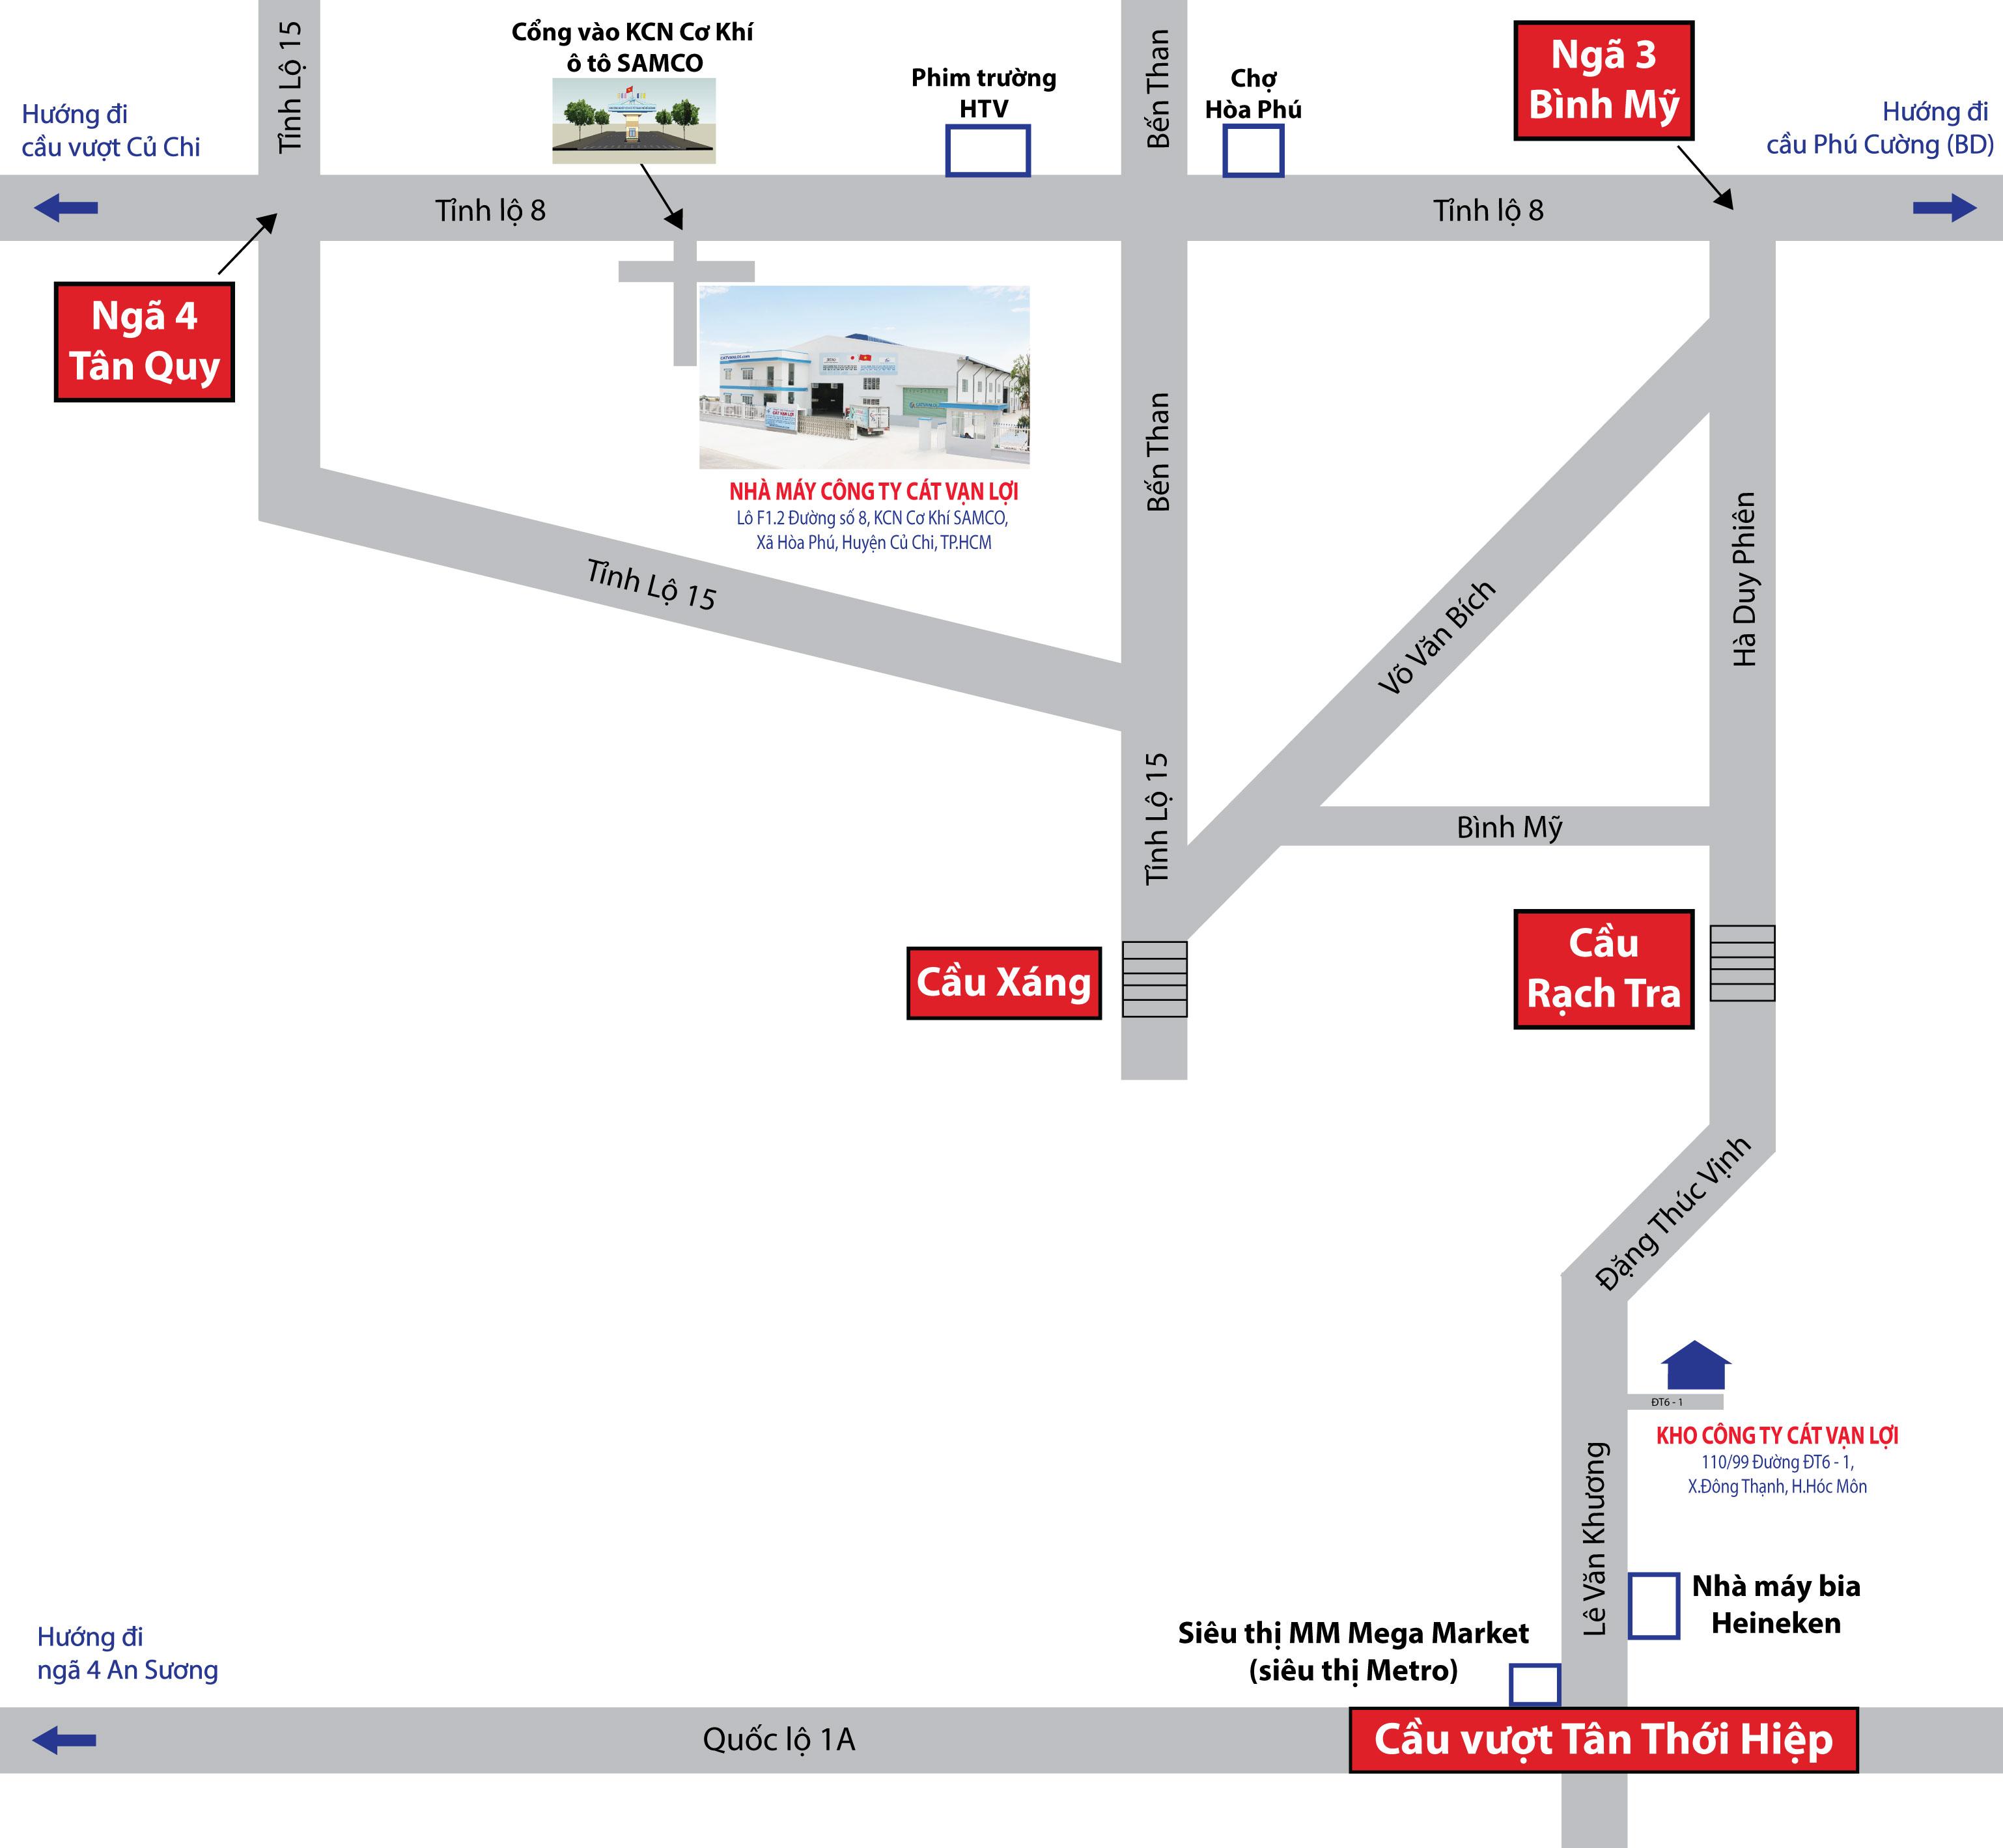 sơ đồ đường đi Kho công ty Cát Vạn Lợi